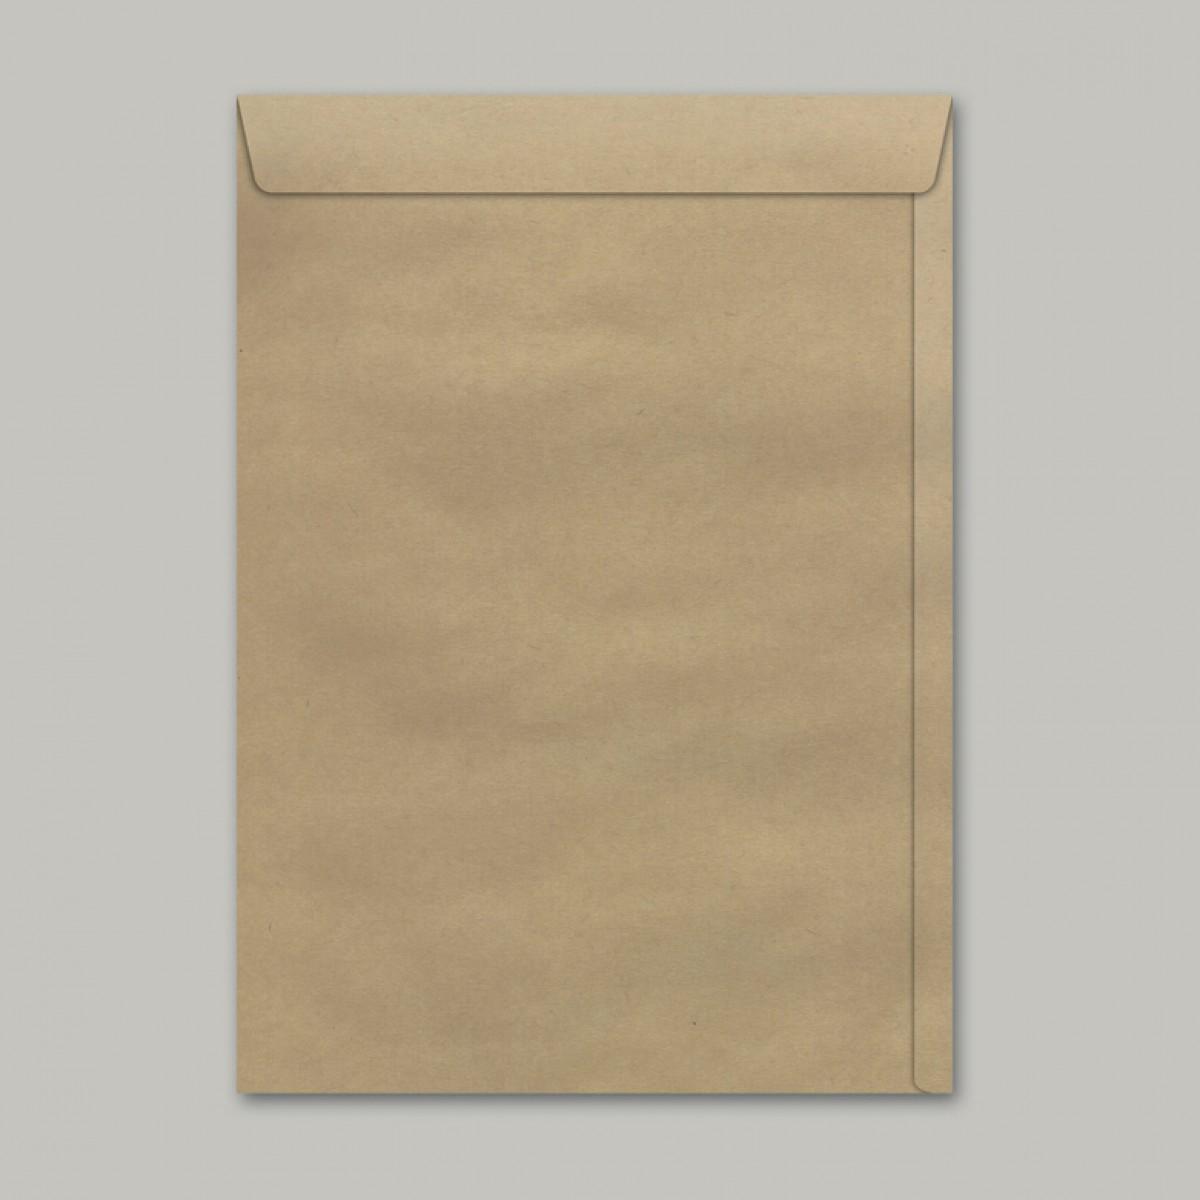 Envelope saco kraft 17 x 25 80 grs unid.